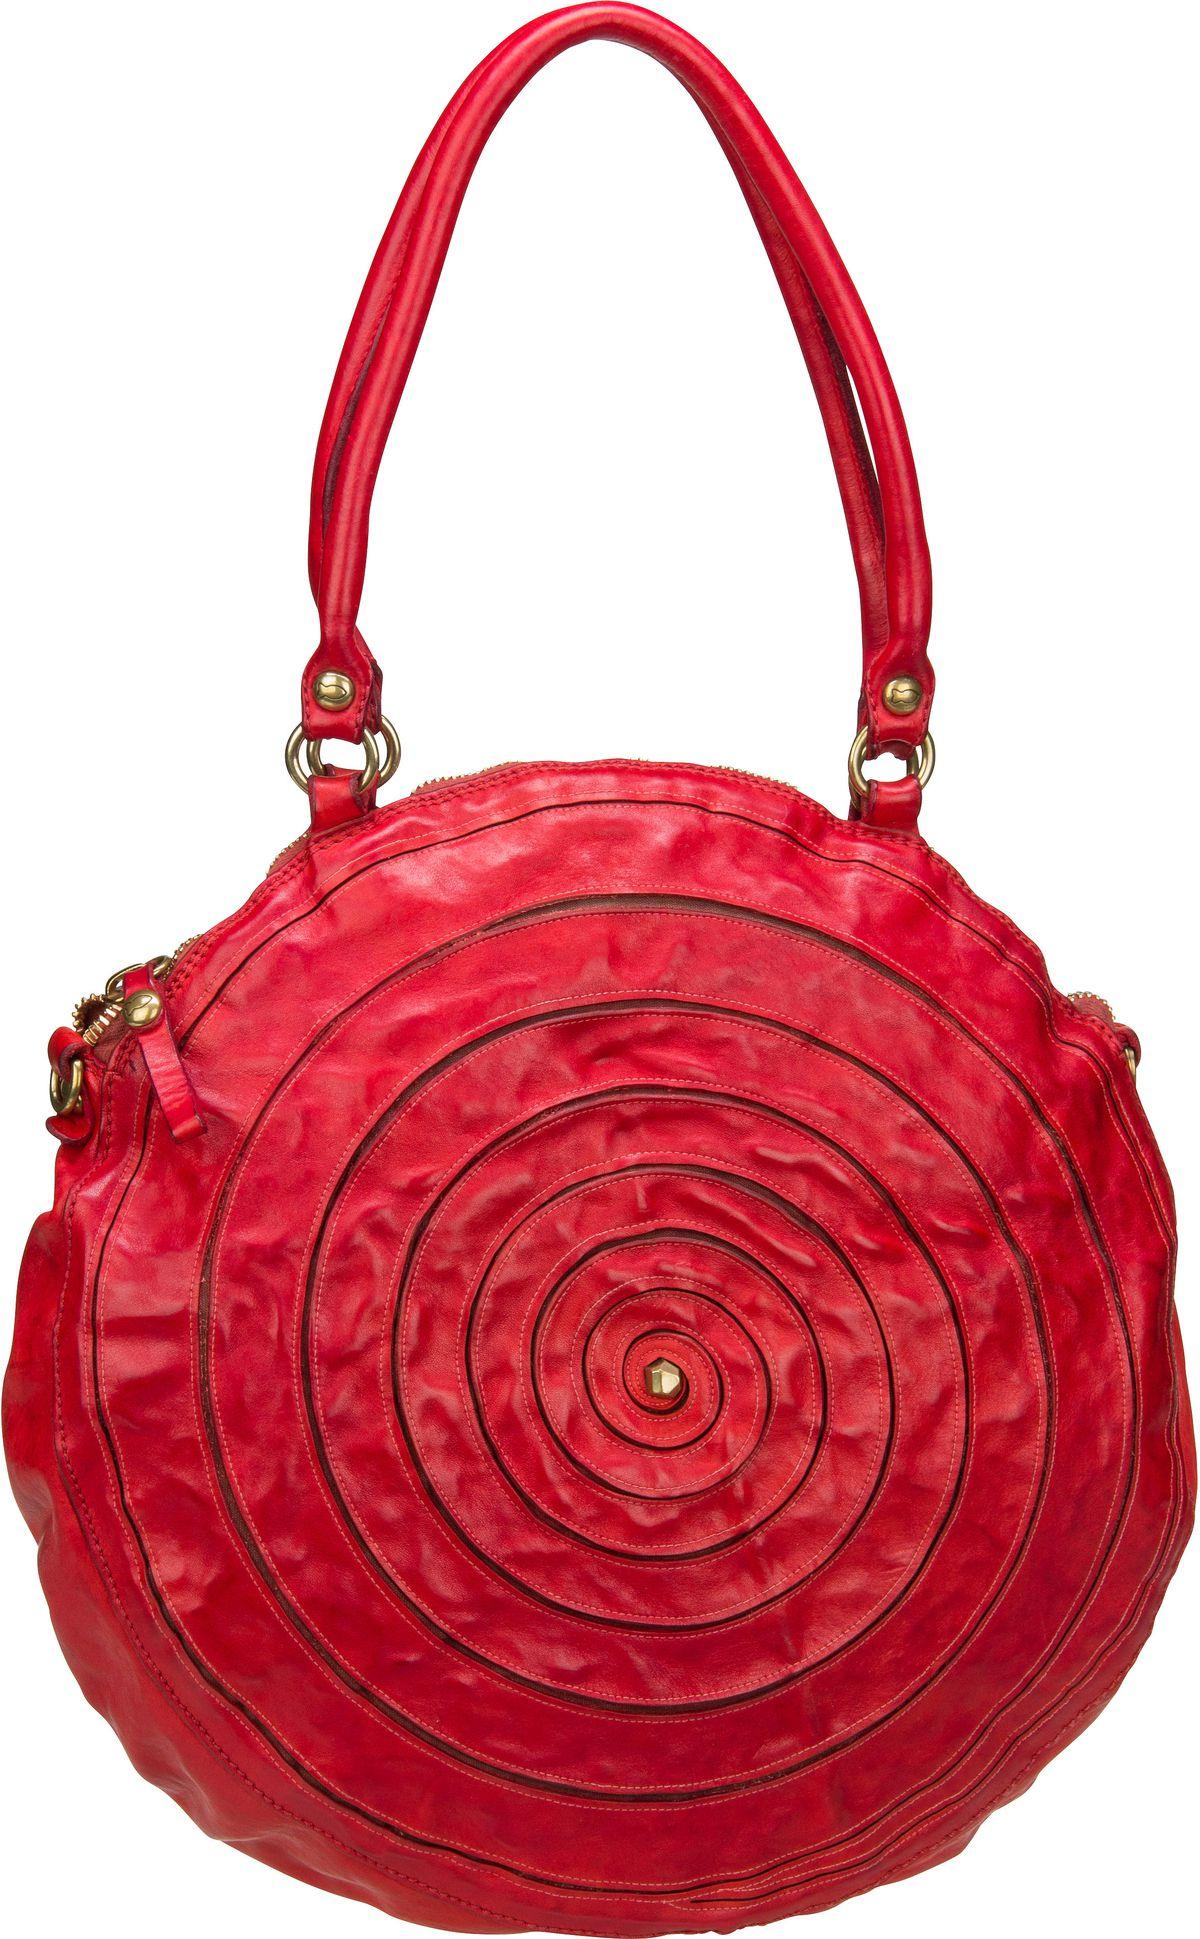 Handtasche Atena C16520 Rosso